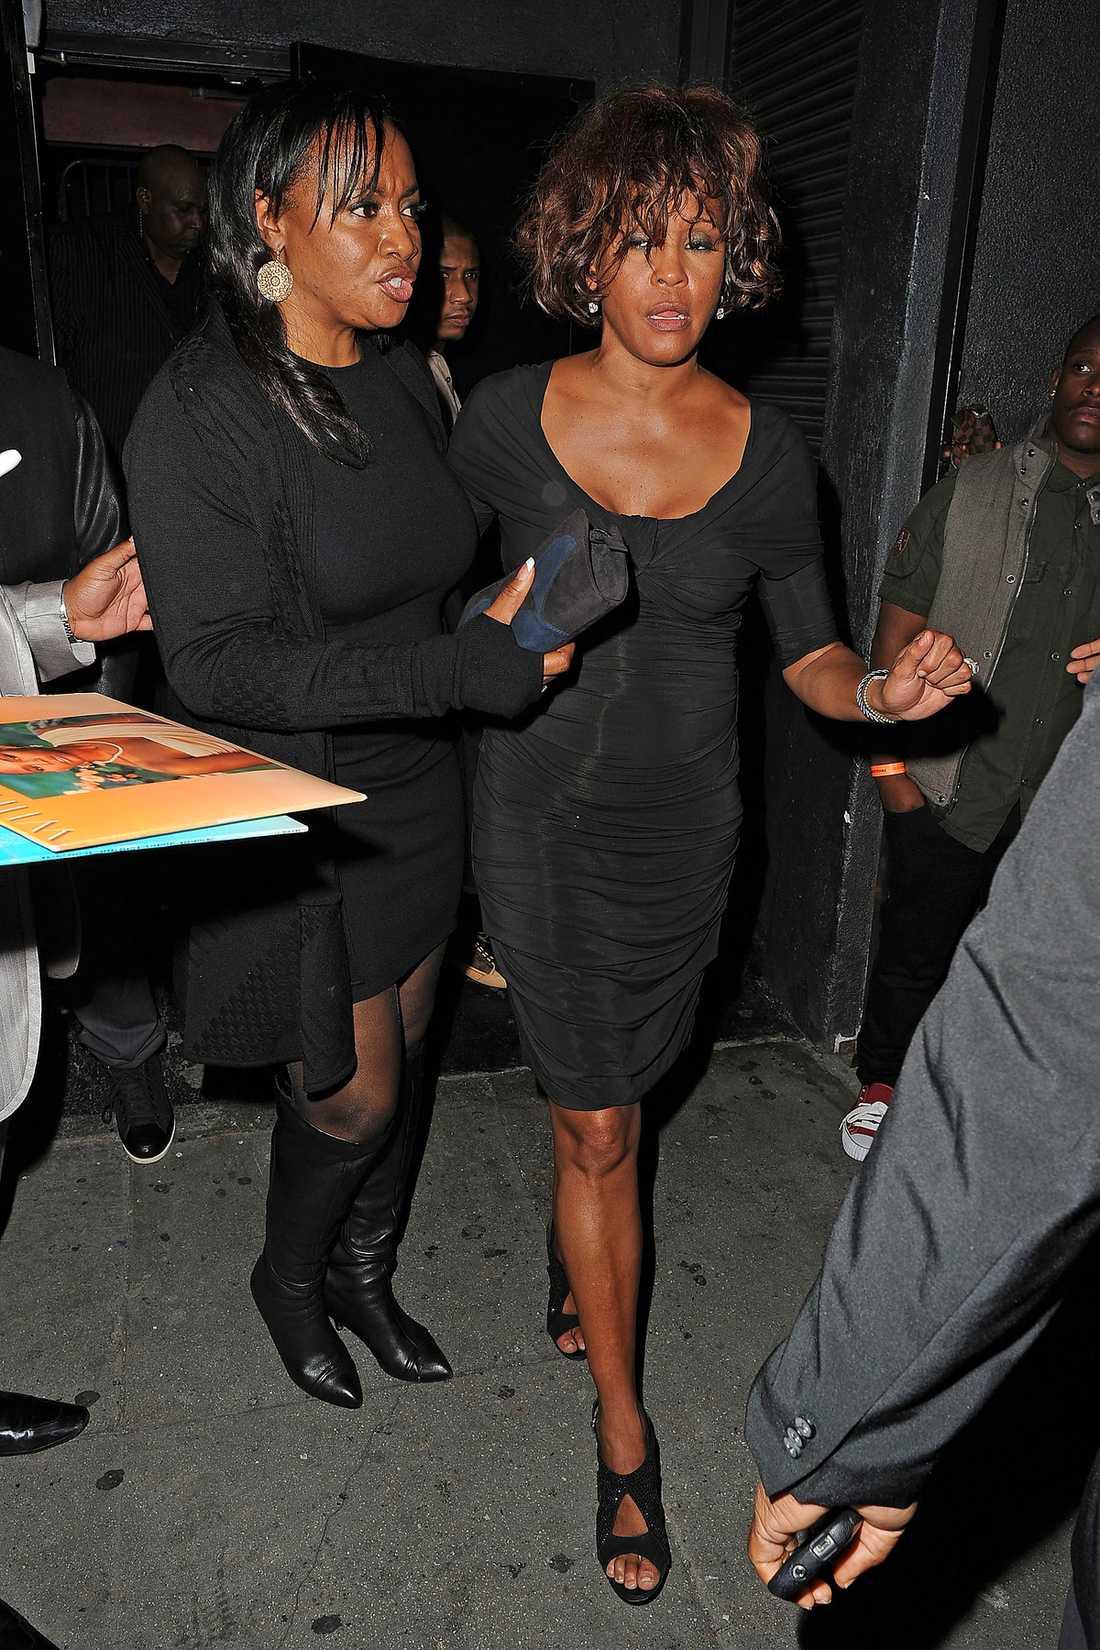 EN TRAGEDI  Whitney leds ut från nattklubben Tru i Los Angeles så sent som i torsdags. Comebacken 2009 blev inte som den skulle – tvärtom. Flera av hennes då utsålda konserter slutade i att hon fick lämna scenen till publikens burop. Nyligen ryktades det att hon var på gränsen till personlig konkurs.